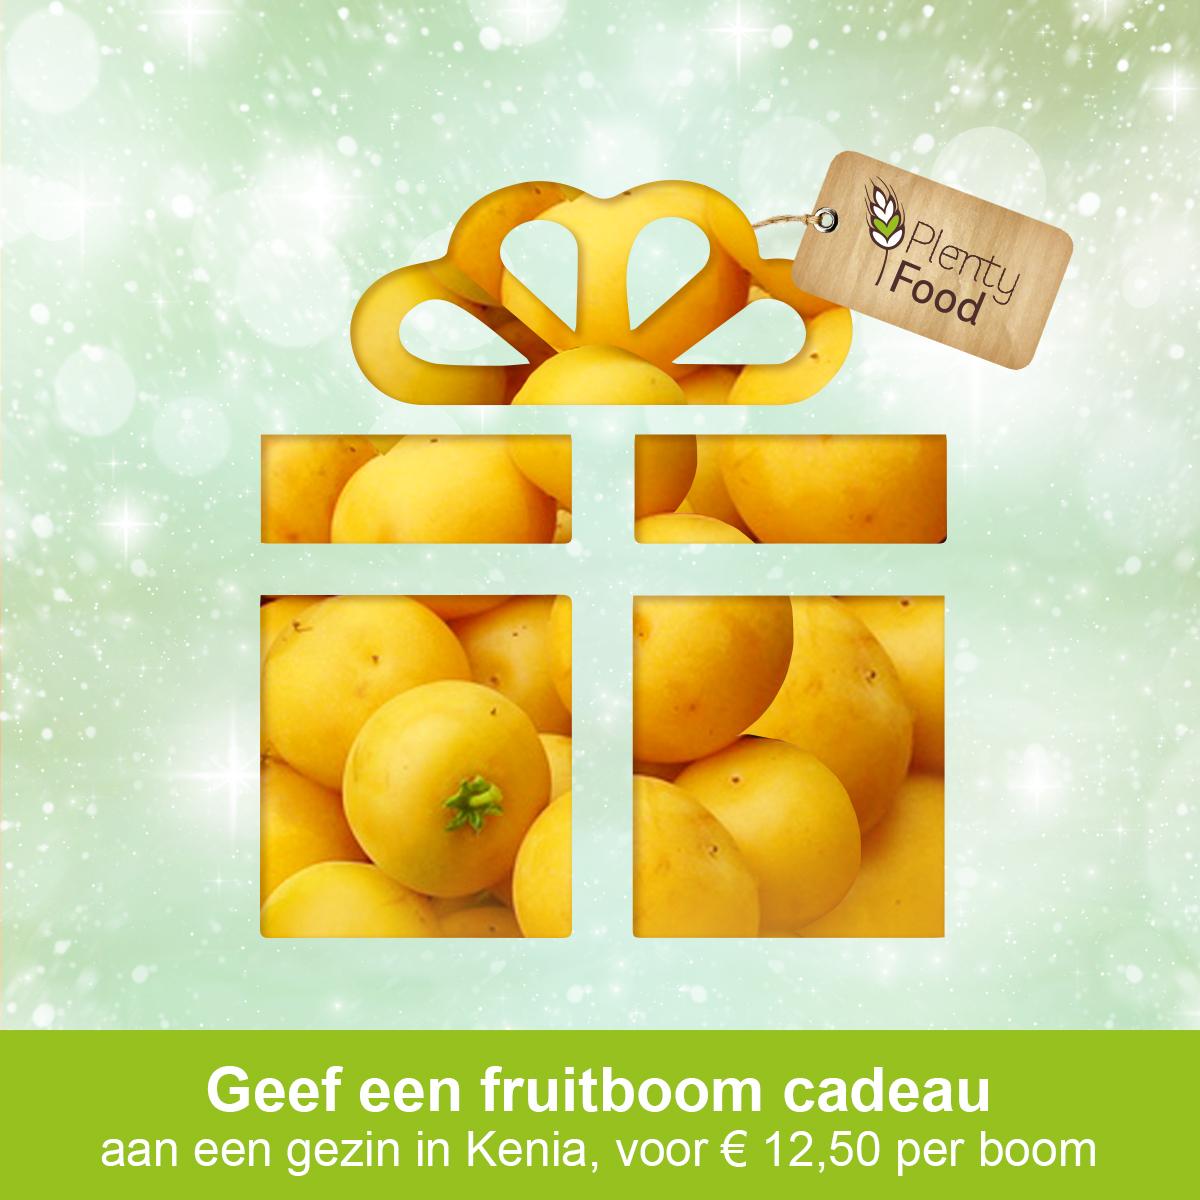 Geef een fruitboom cadeau plenty food nederland for Geef een goed doel cadeau